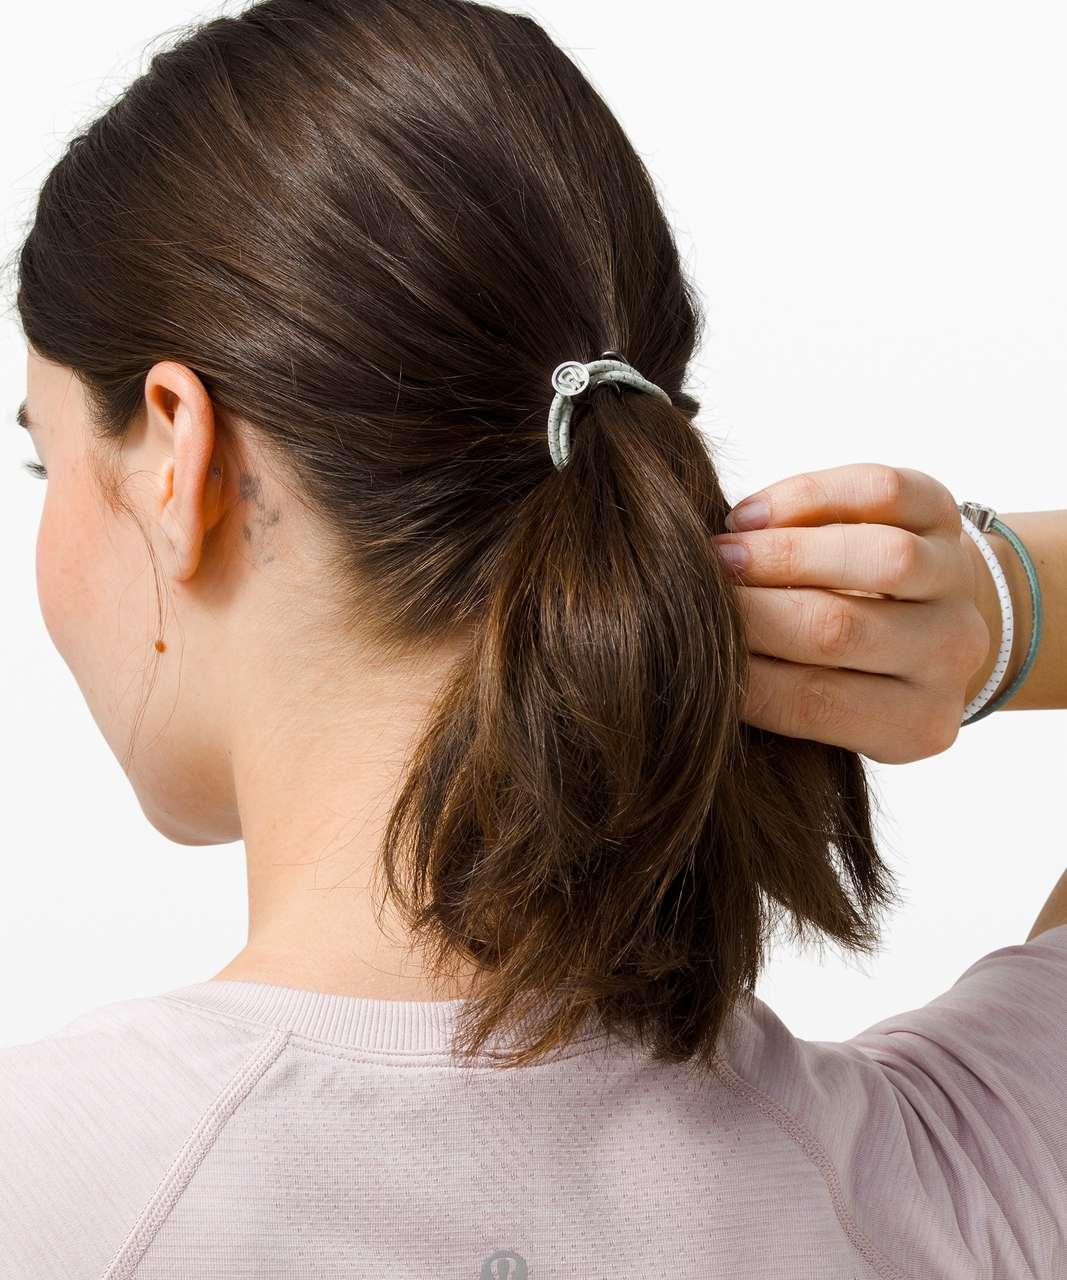 Lululemon Glow On Hair Ties - White / Springtime / Tidewater Teal